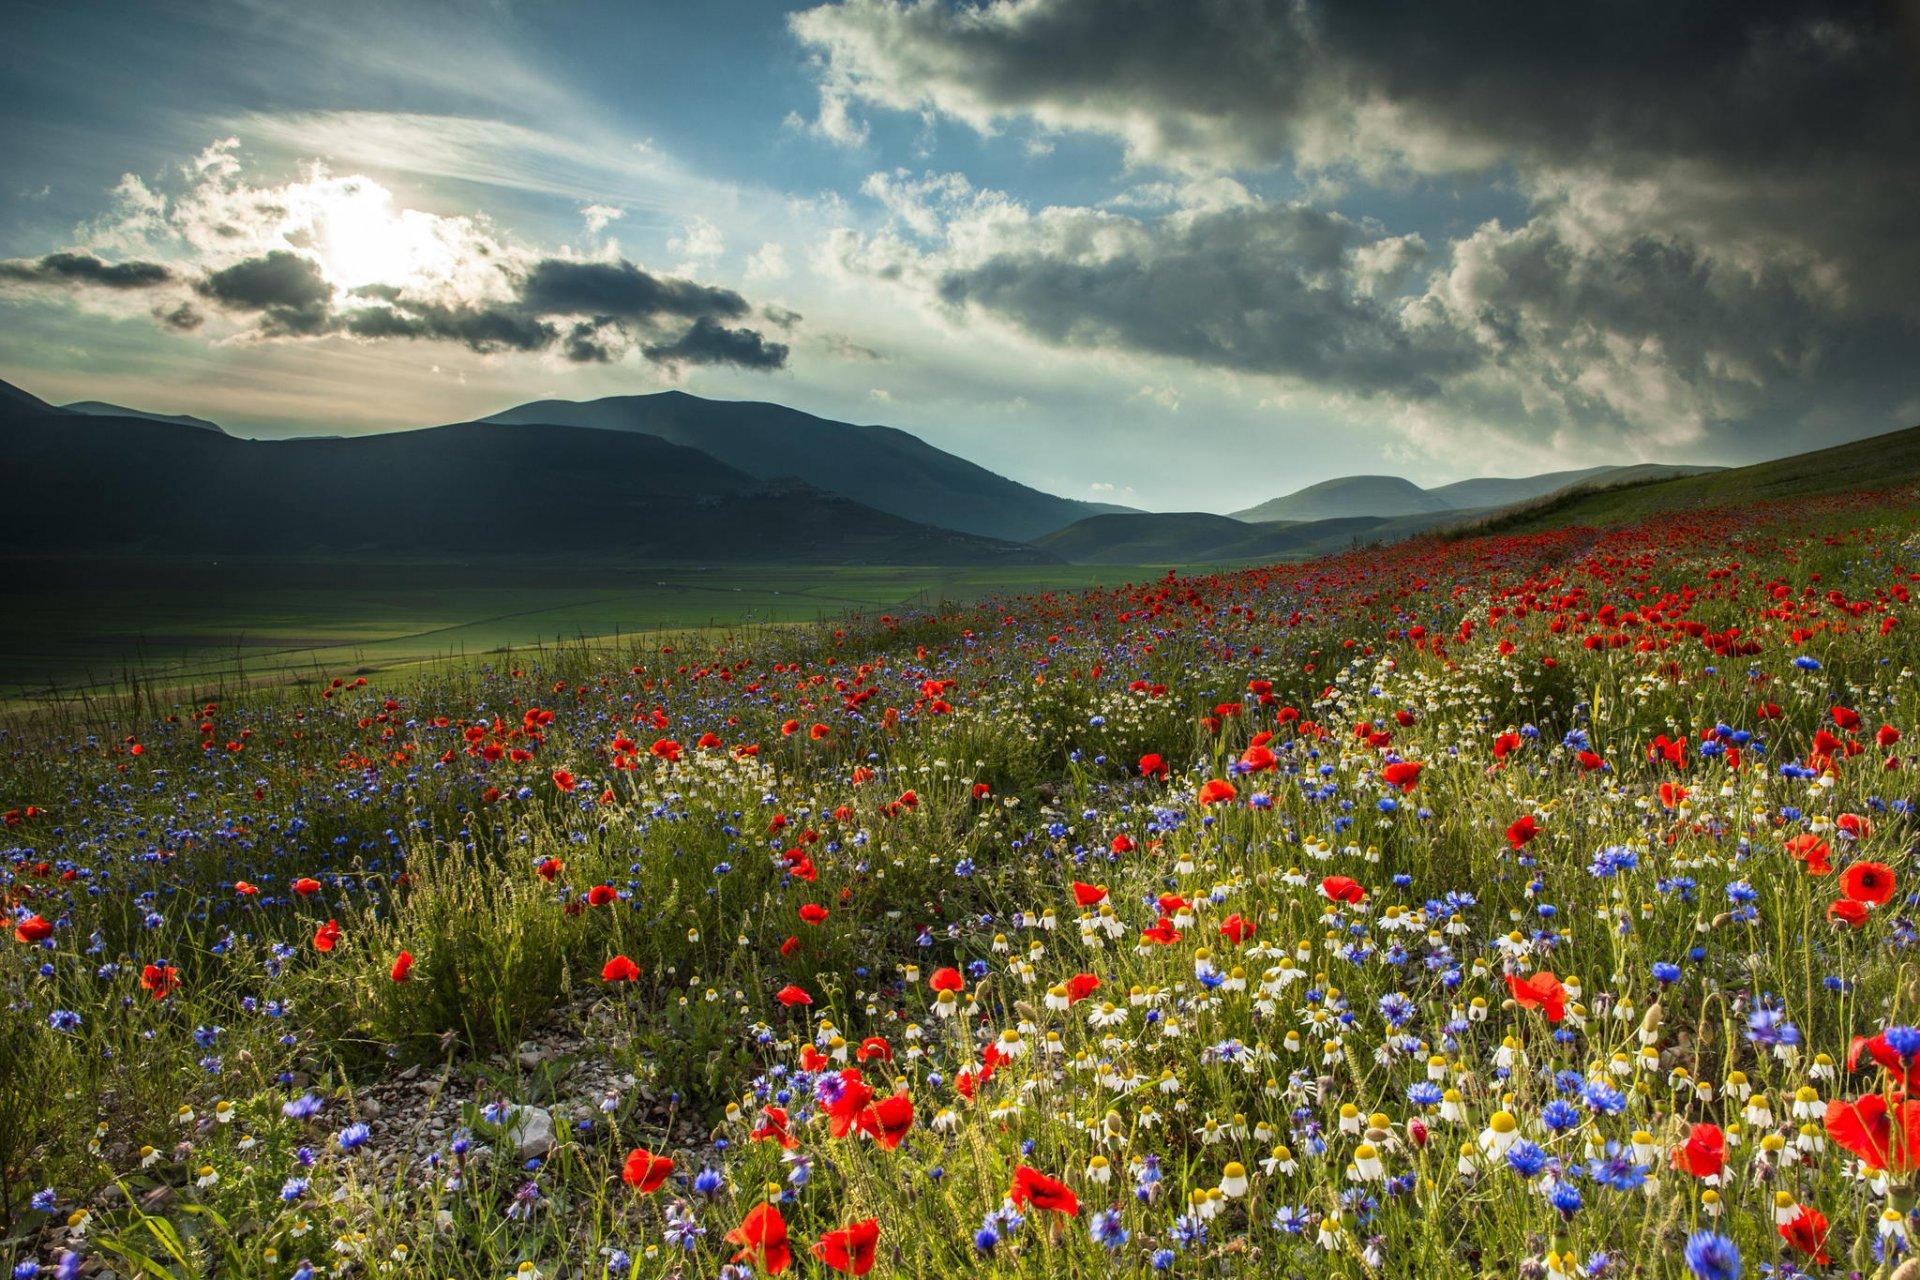 картинка поле цветов и горы подарков них расположен золотой